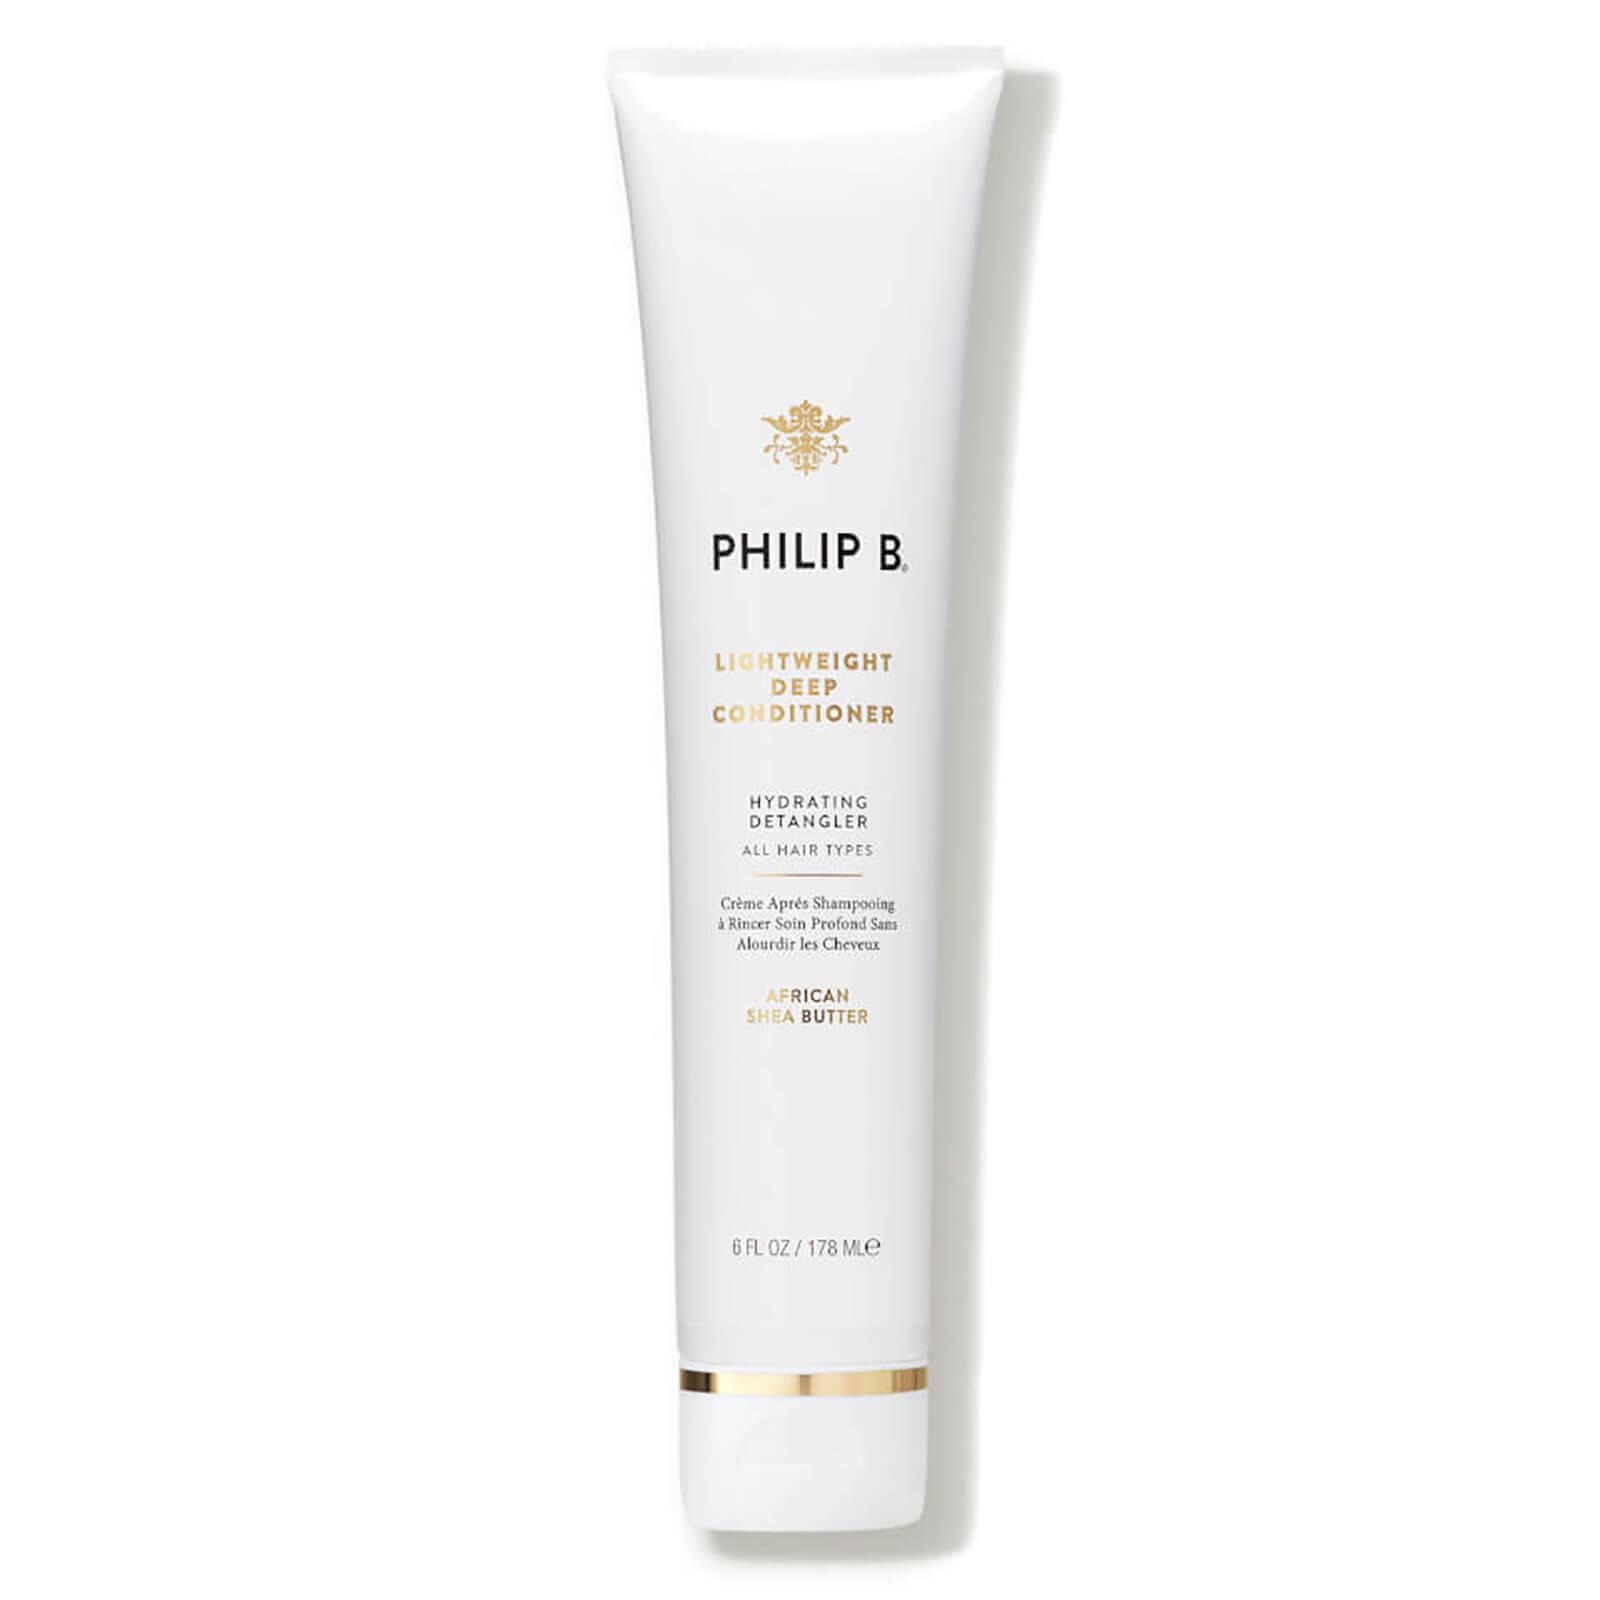 Купить Крем-кондиционер для интенсивного ухода Philip B Light-Weight Deep Conditioning Crème Rinse (178мл)